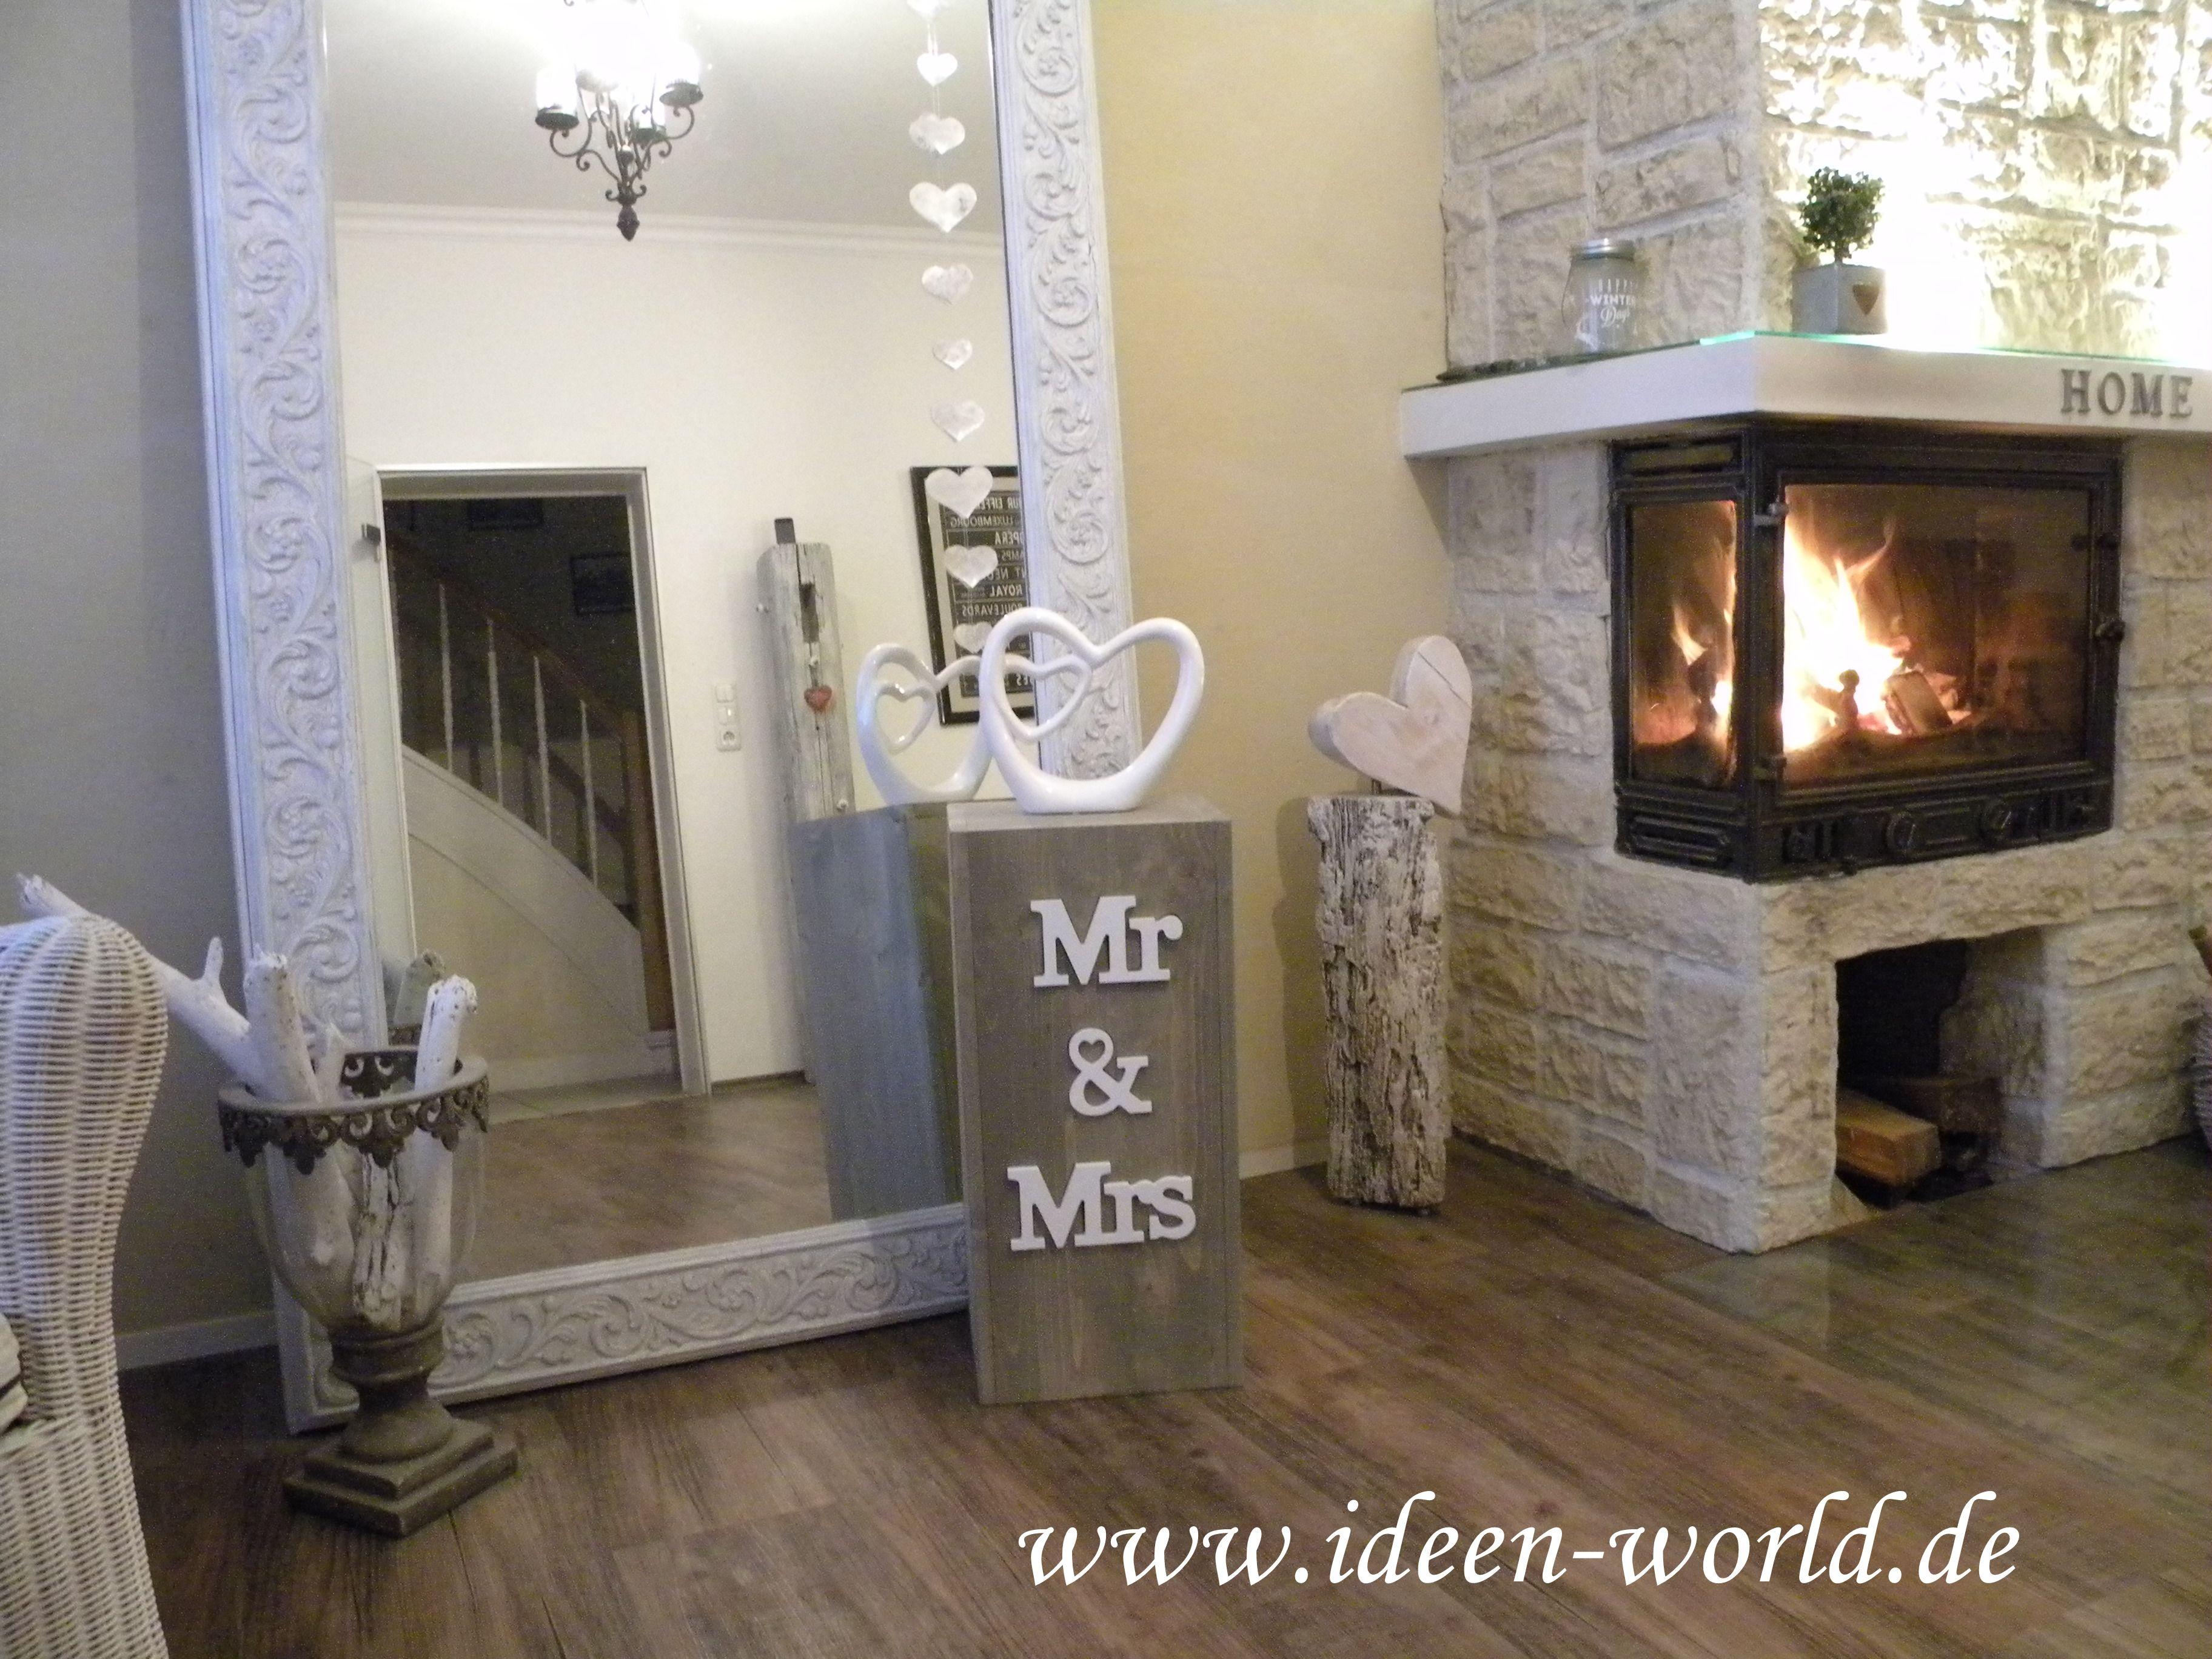 holzs ule mit eingelassenem schriftzug mr mrs inclusive deko holzs ulen holzs ule deko. Black Bedroom Furniture Sets. Home Design Ideas